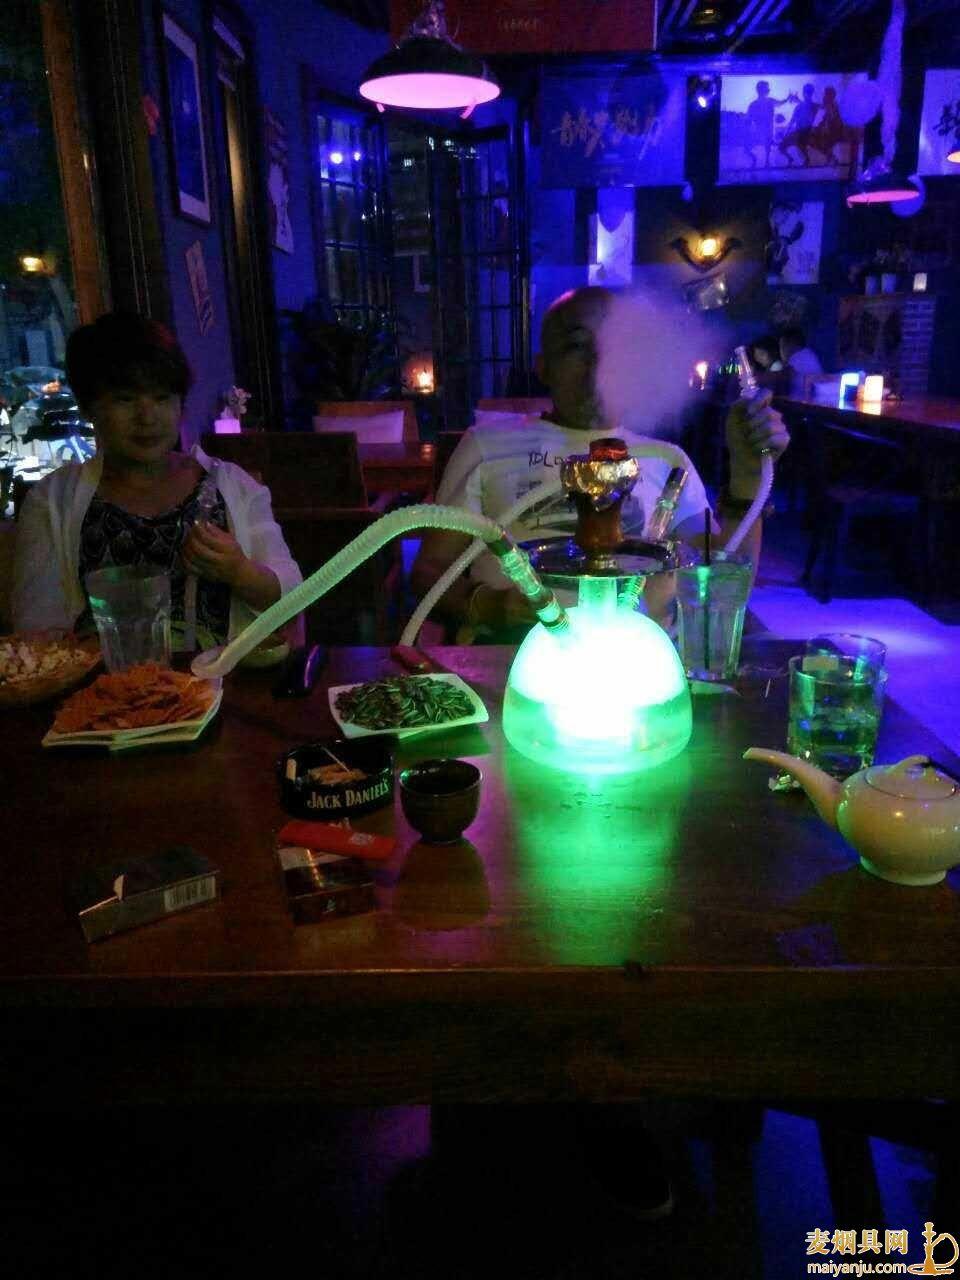 酒吧用管子吸的叫什么烟